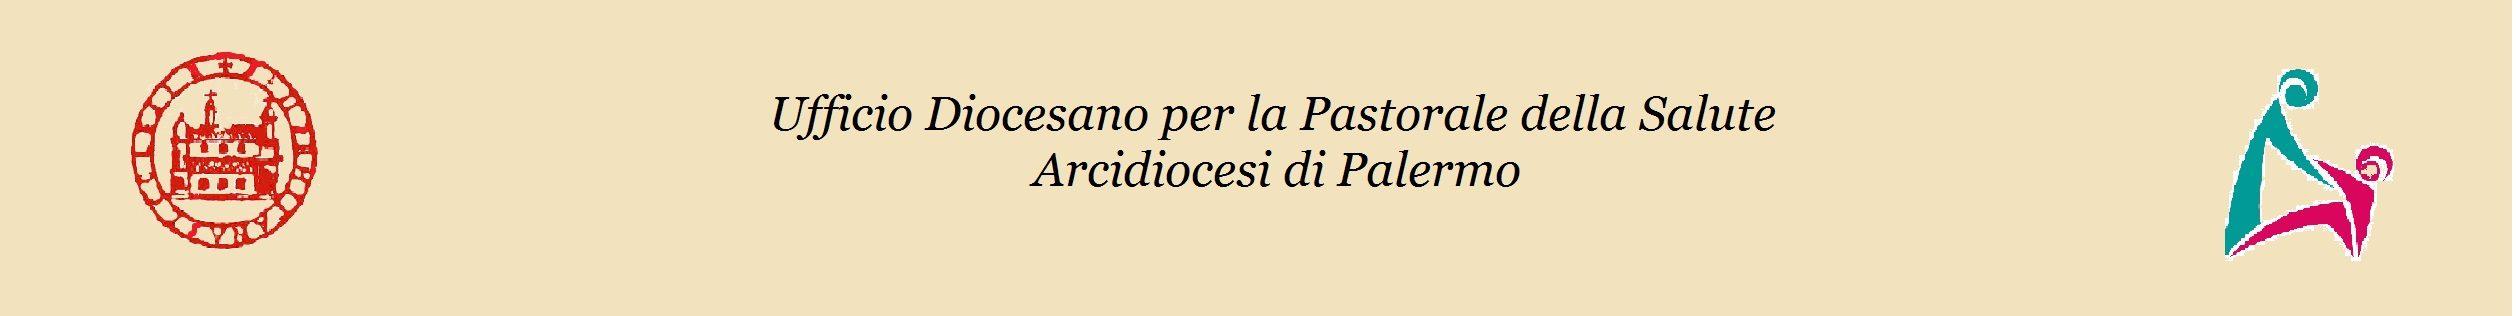 Ufficio Diocesano per la Pastorale della Salute